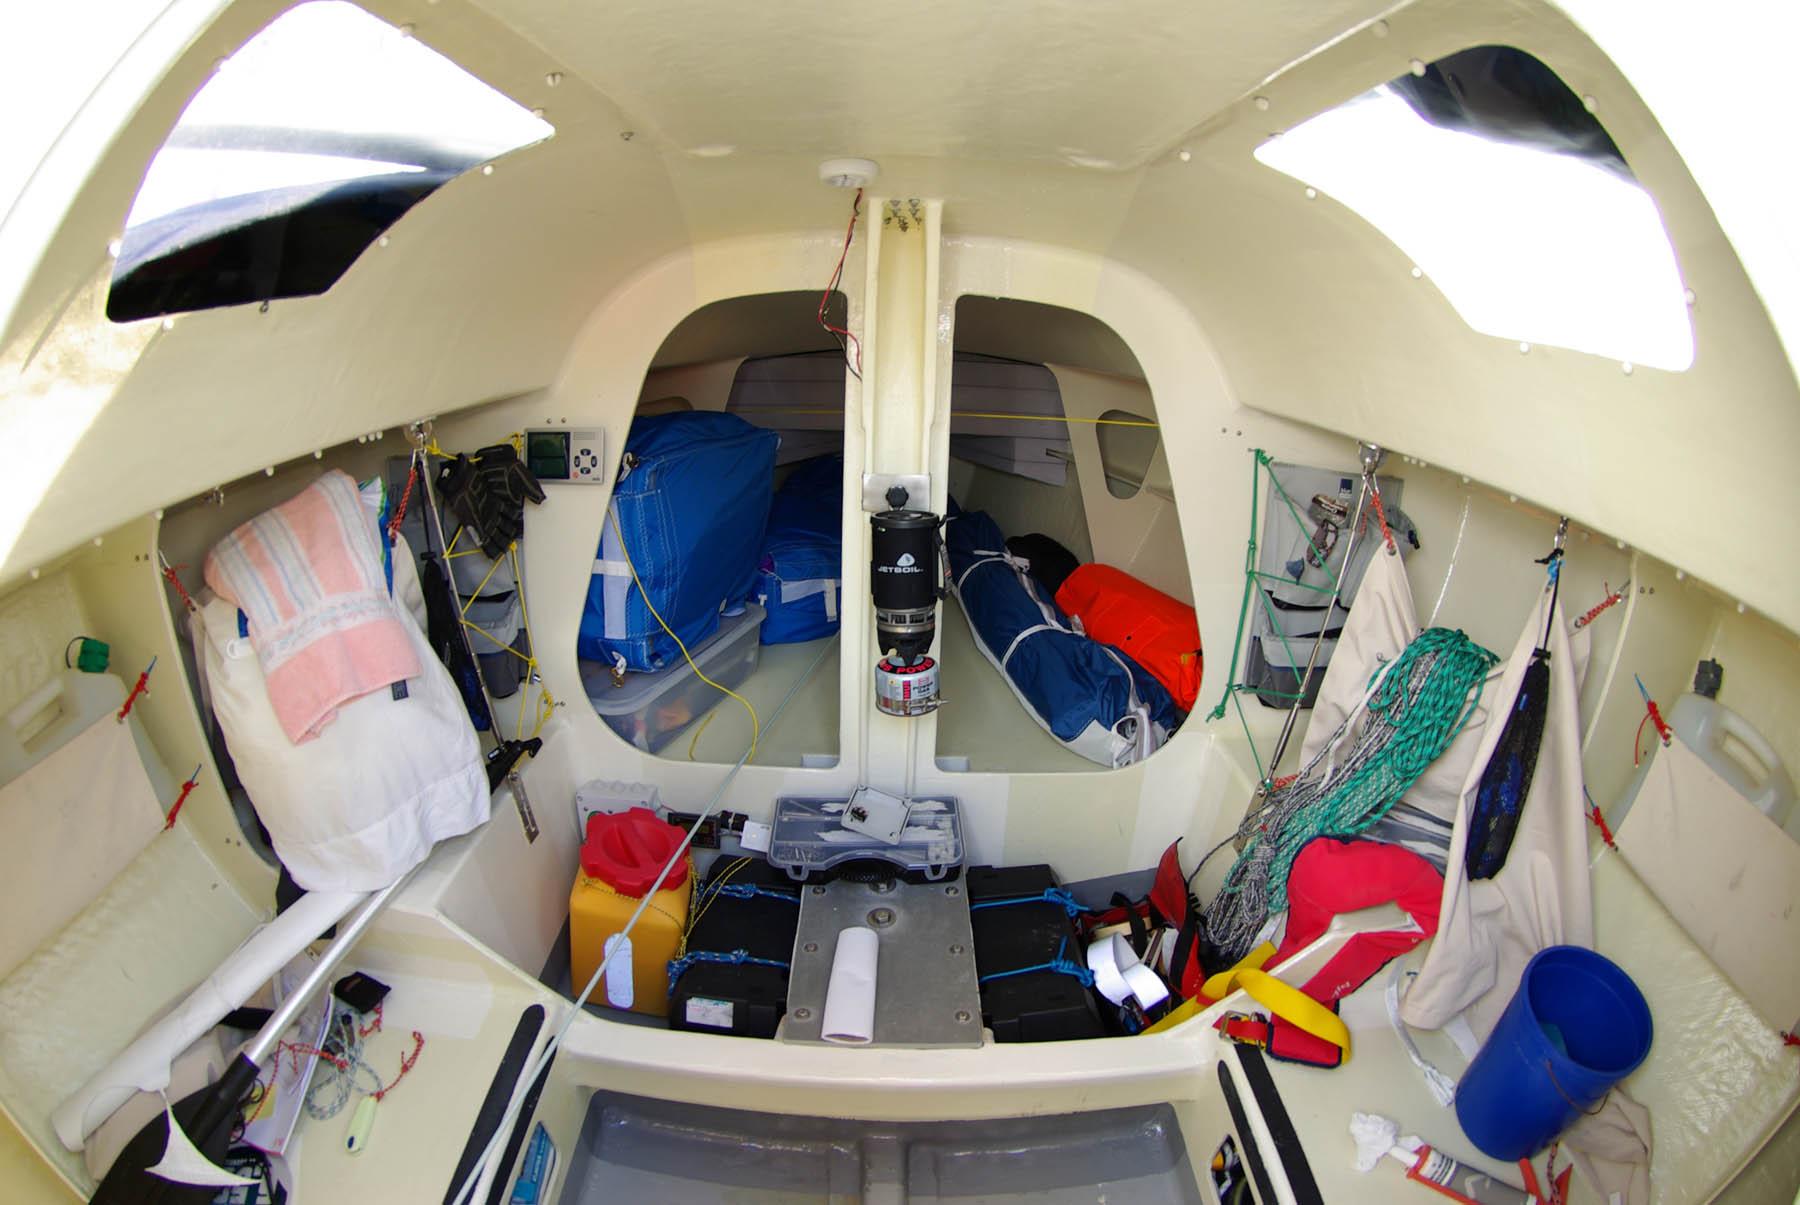 大西洋,爱好者,中国,如何,大海 【视频】单人横渡大西洋帆船赛赛船Mini Transat 650 是如何建造的 interior-de-un-mini-650.jpg